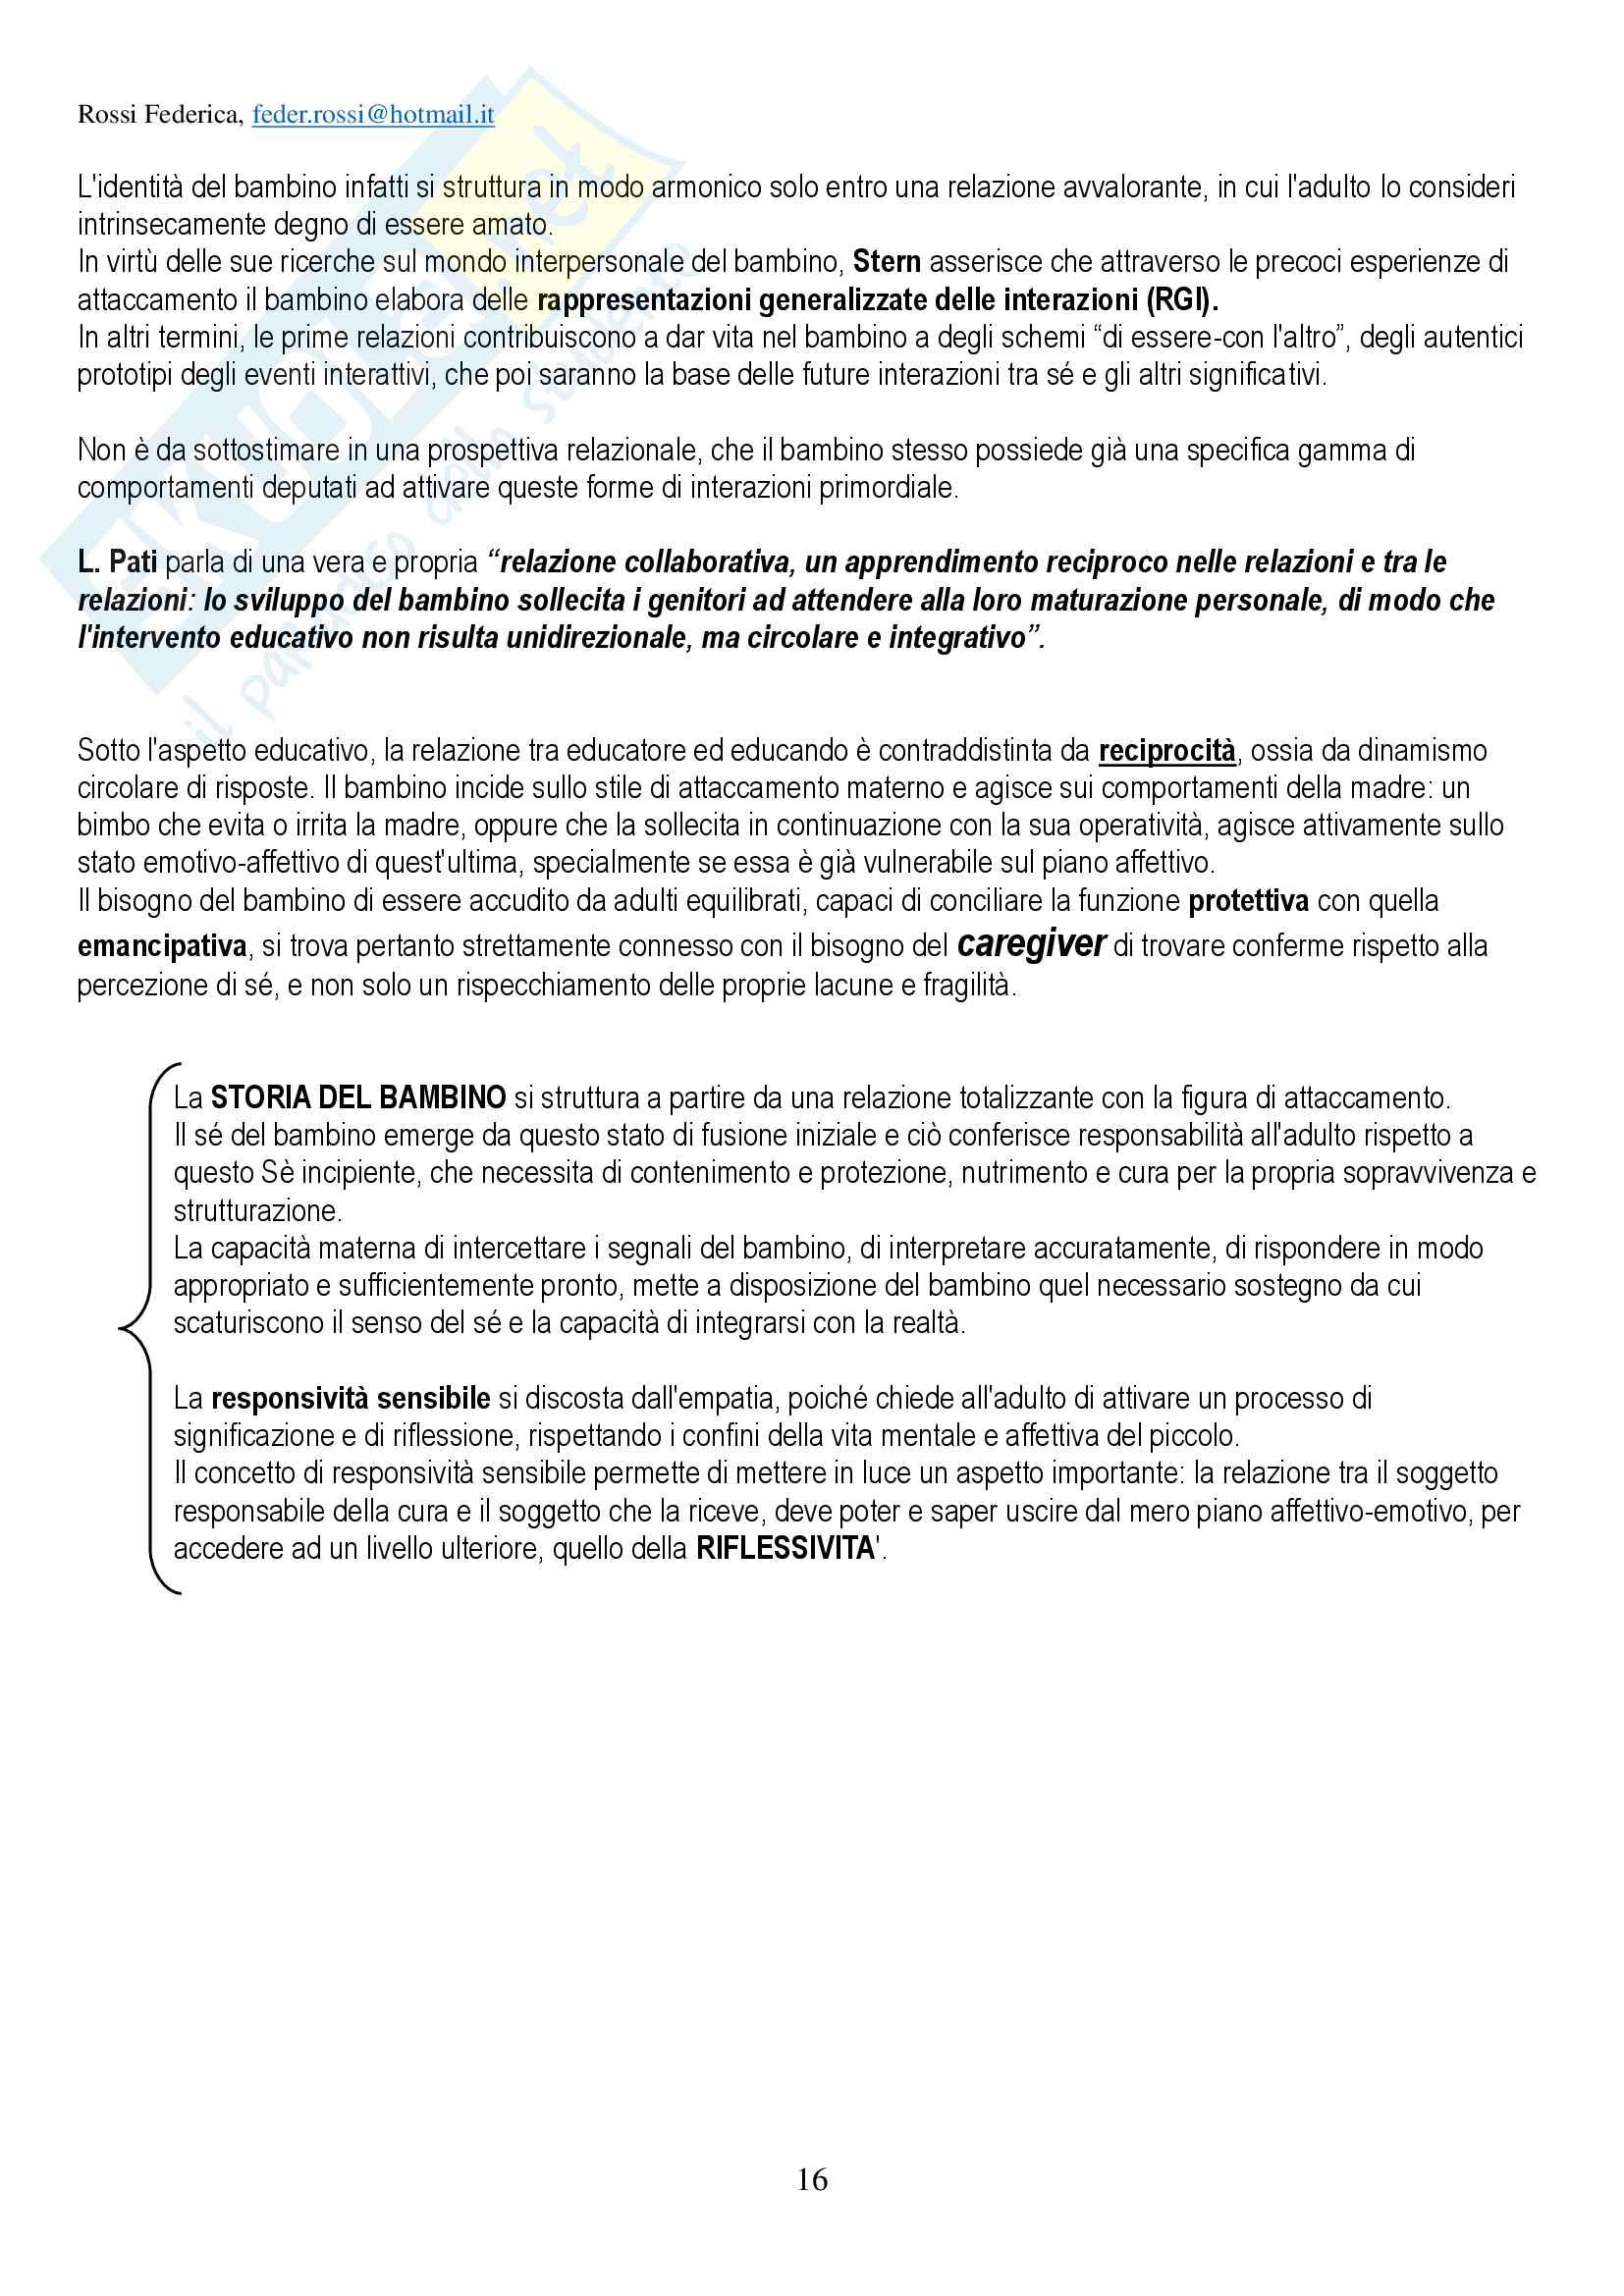 """Riassunto per esame di Pedagogia della persona, prof Amadini, libro consigliato """"Infanzia e famiglia"""", Amadini Pag. 16"""